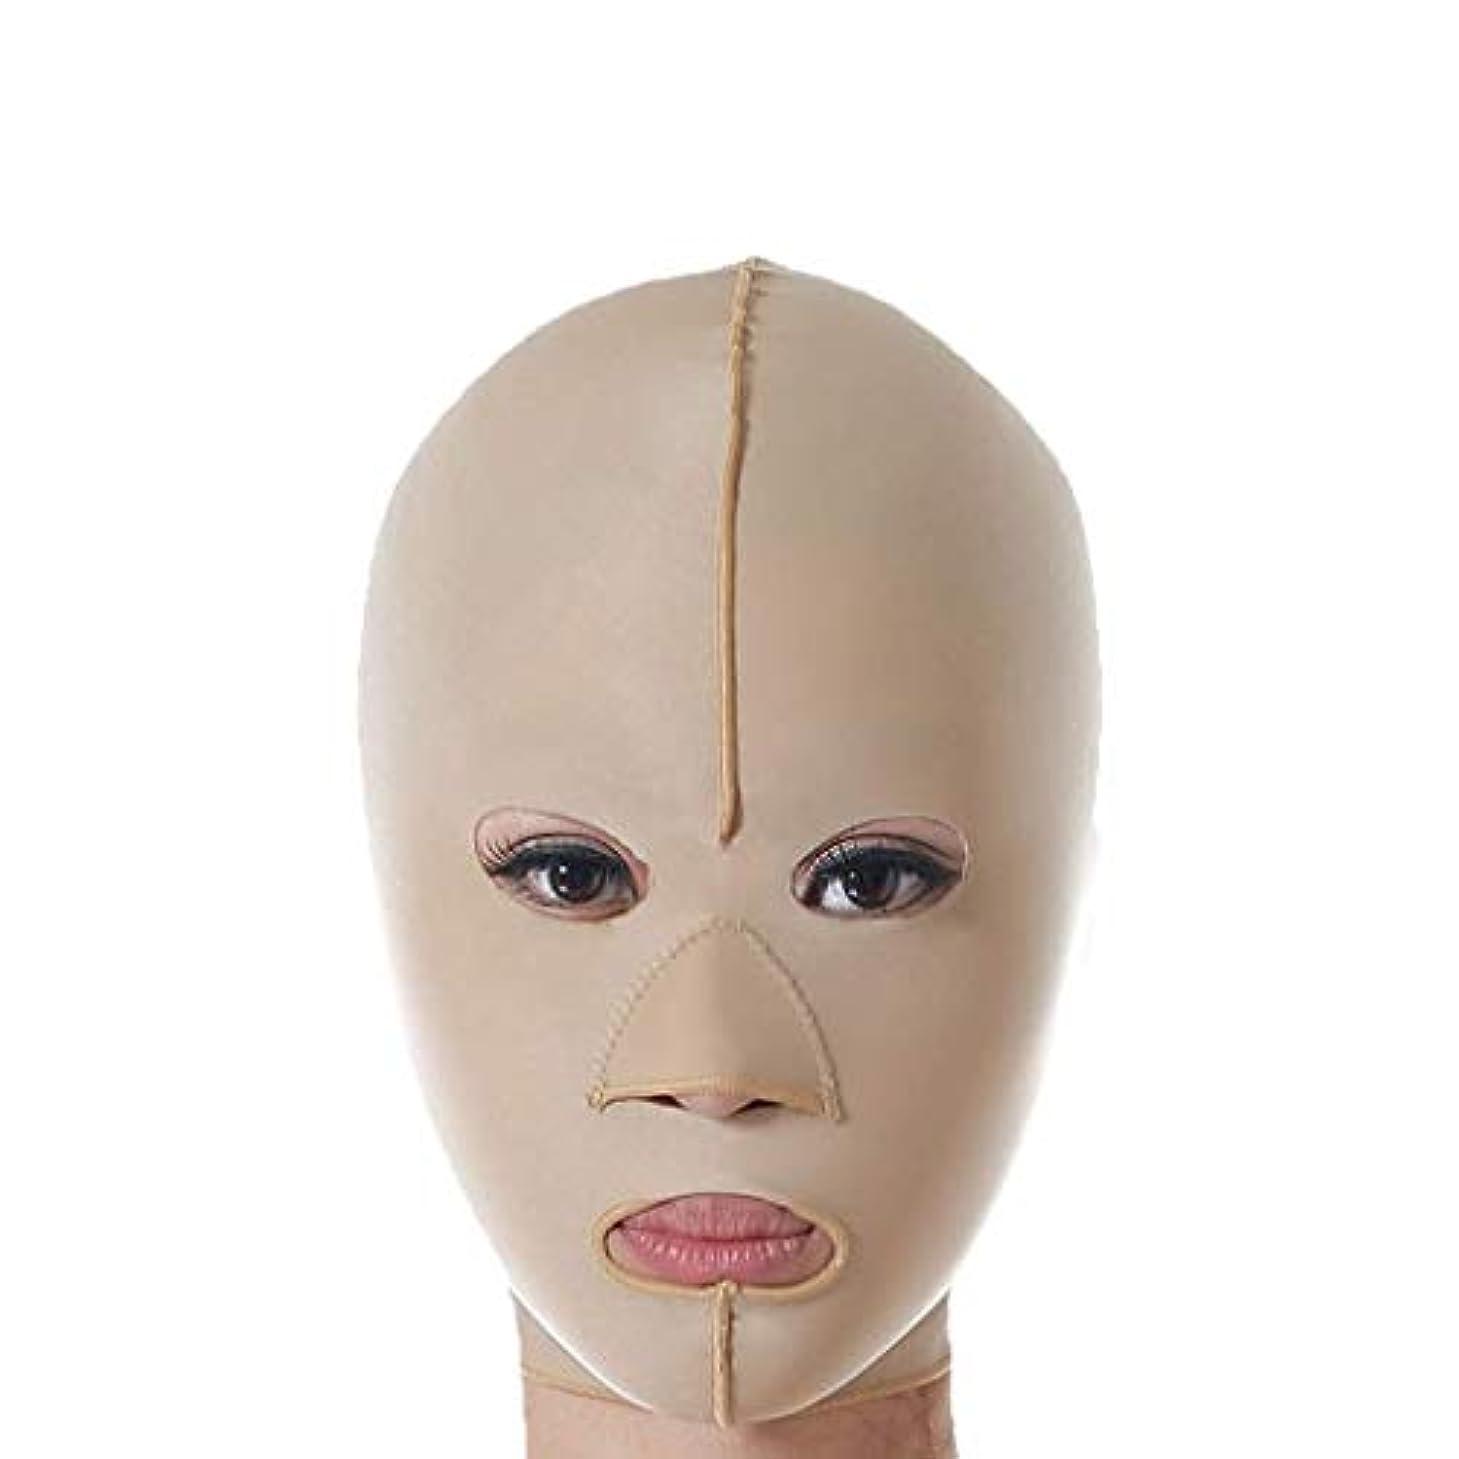 後悔集中的な定常減量フェイスマスク、リフティング包帯、スリムフェイスリフトリフティングベルト、フェイシャル減量リフティング包帯、リフティングファーミング包帯(サイズ:XL),S